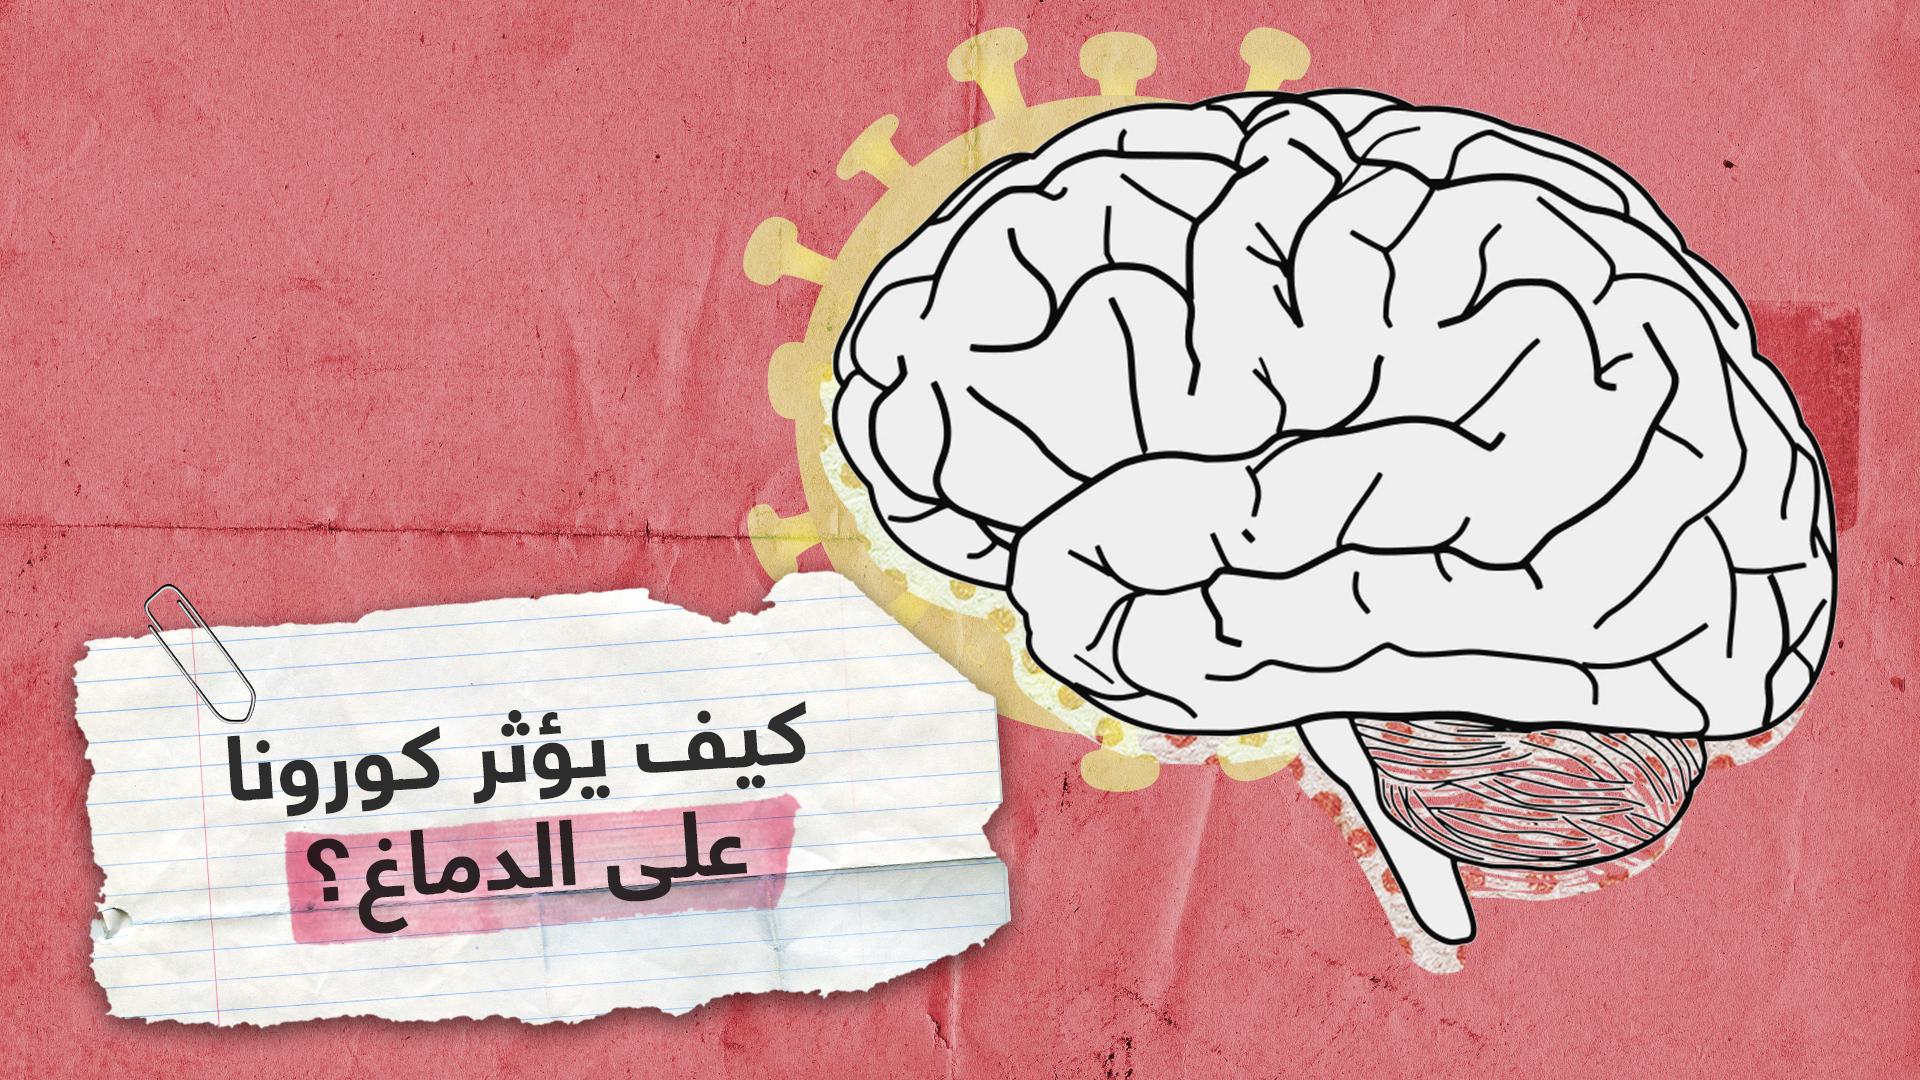 اضطرابات دماغية خطيرة تحدث لدى مرضى كورونا؟